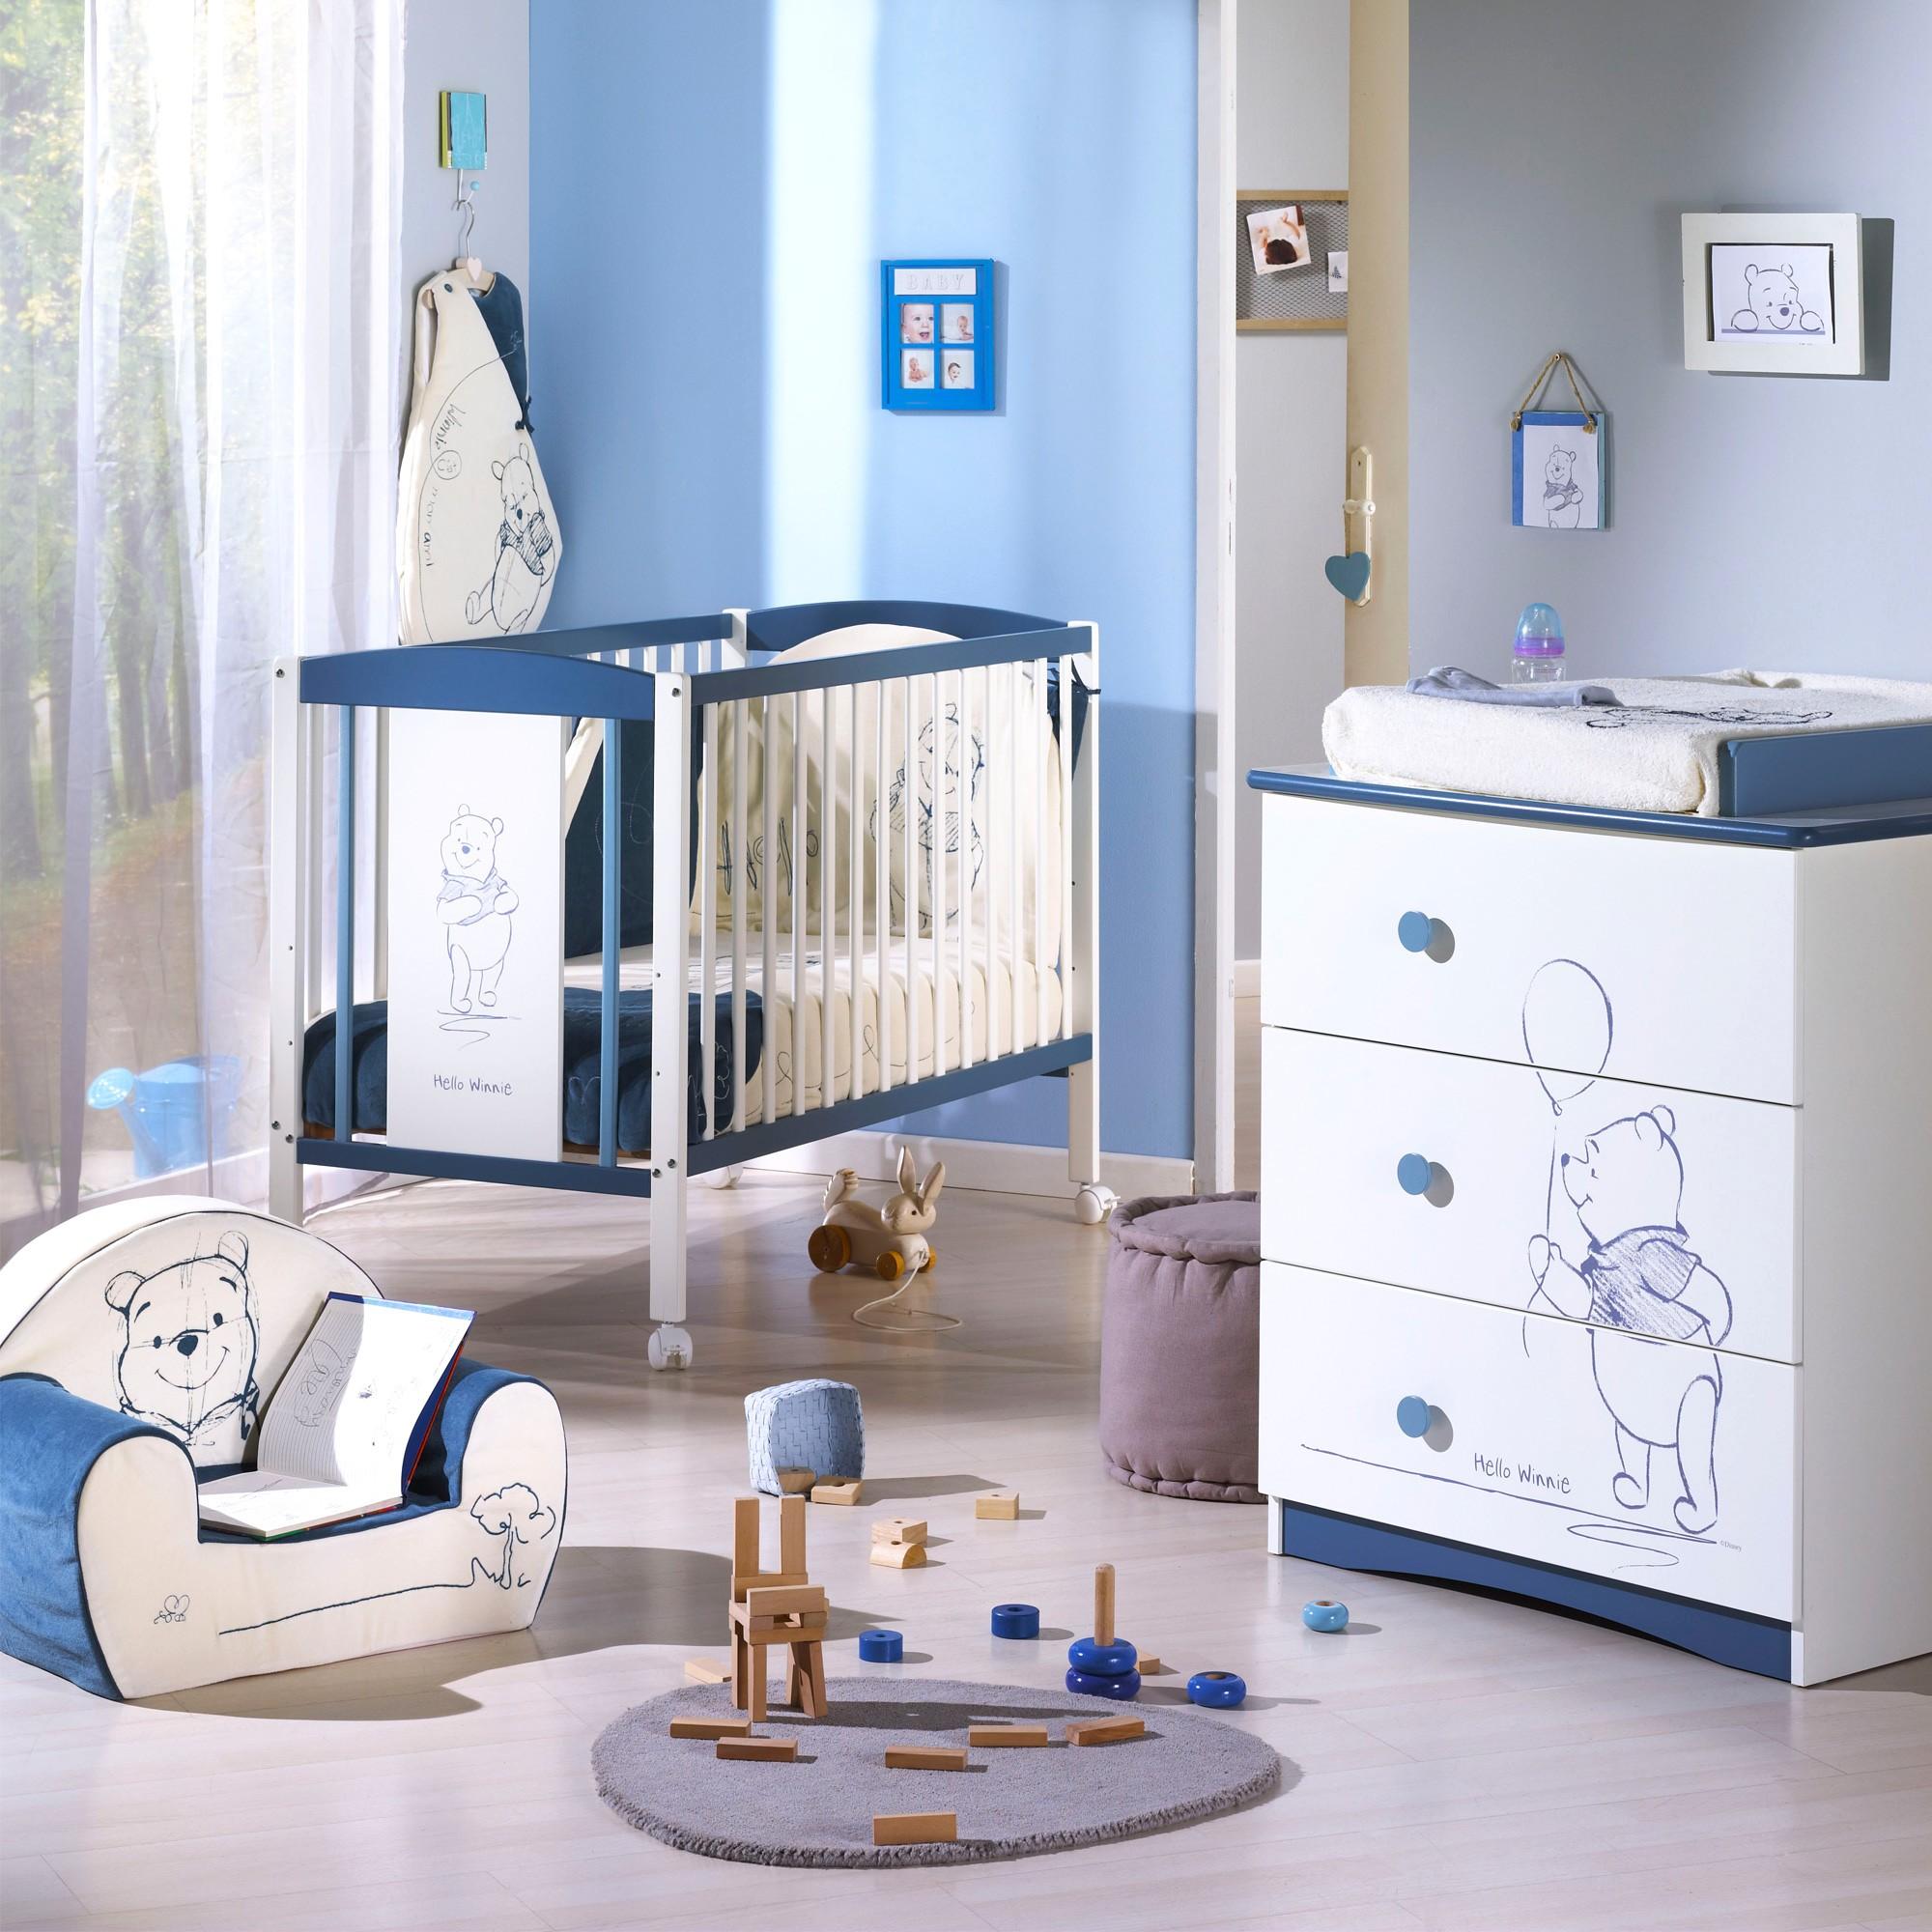 Chambre a coucher bébé winnie l\'ourson - Idées de tricot gratuit